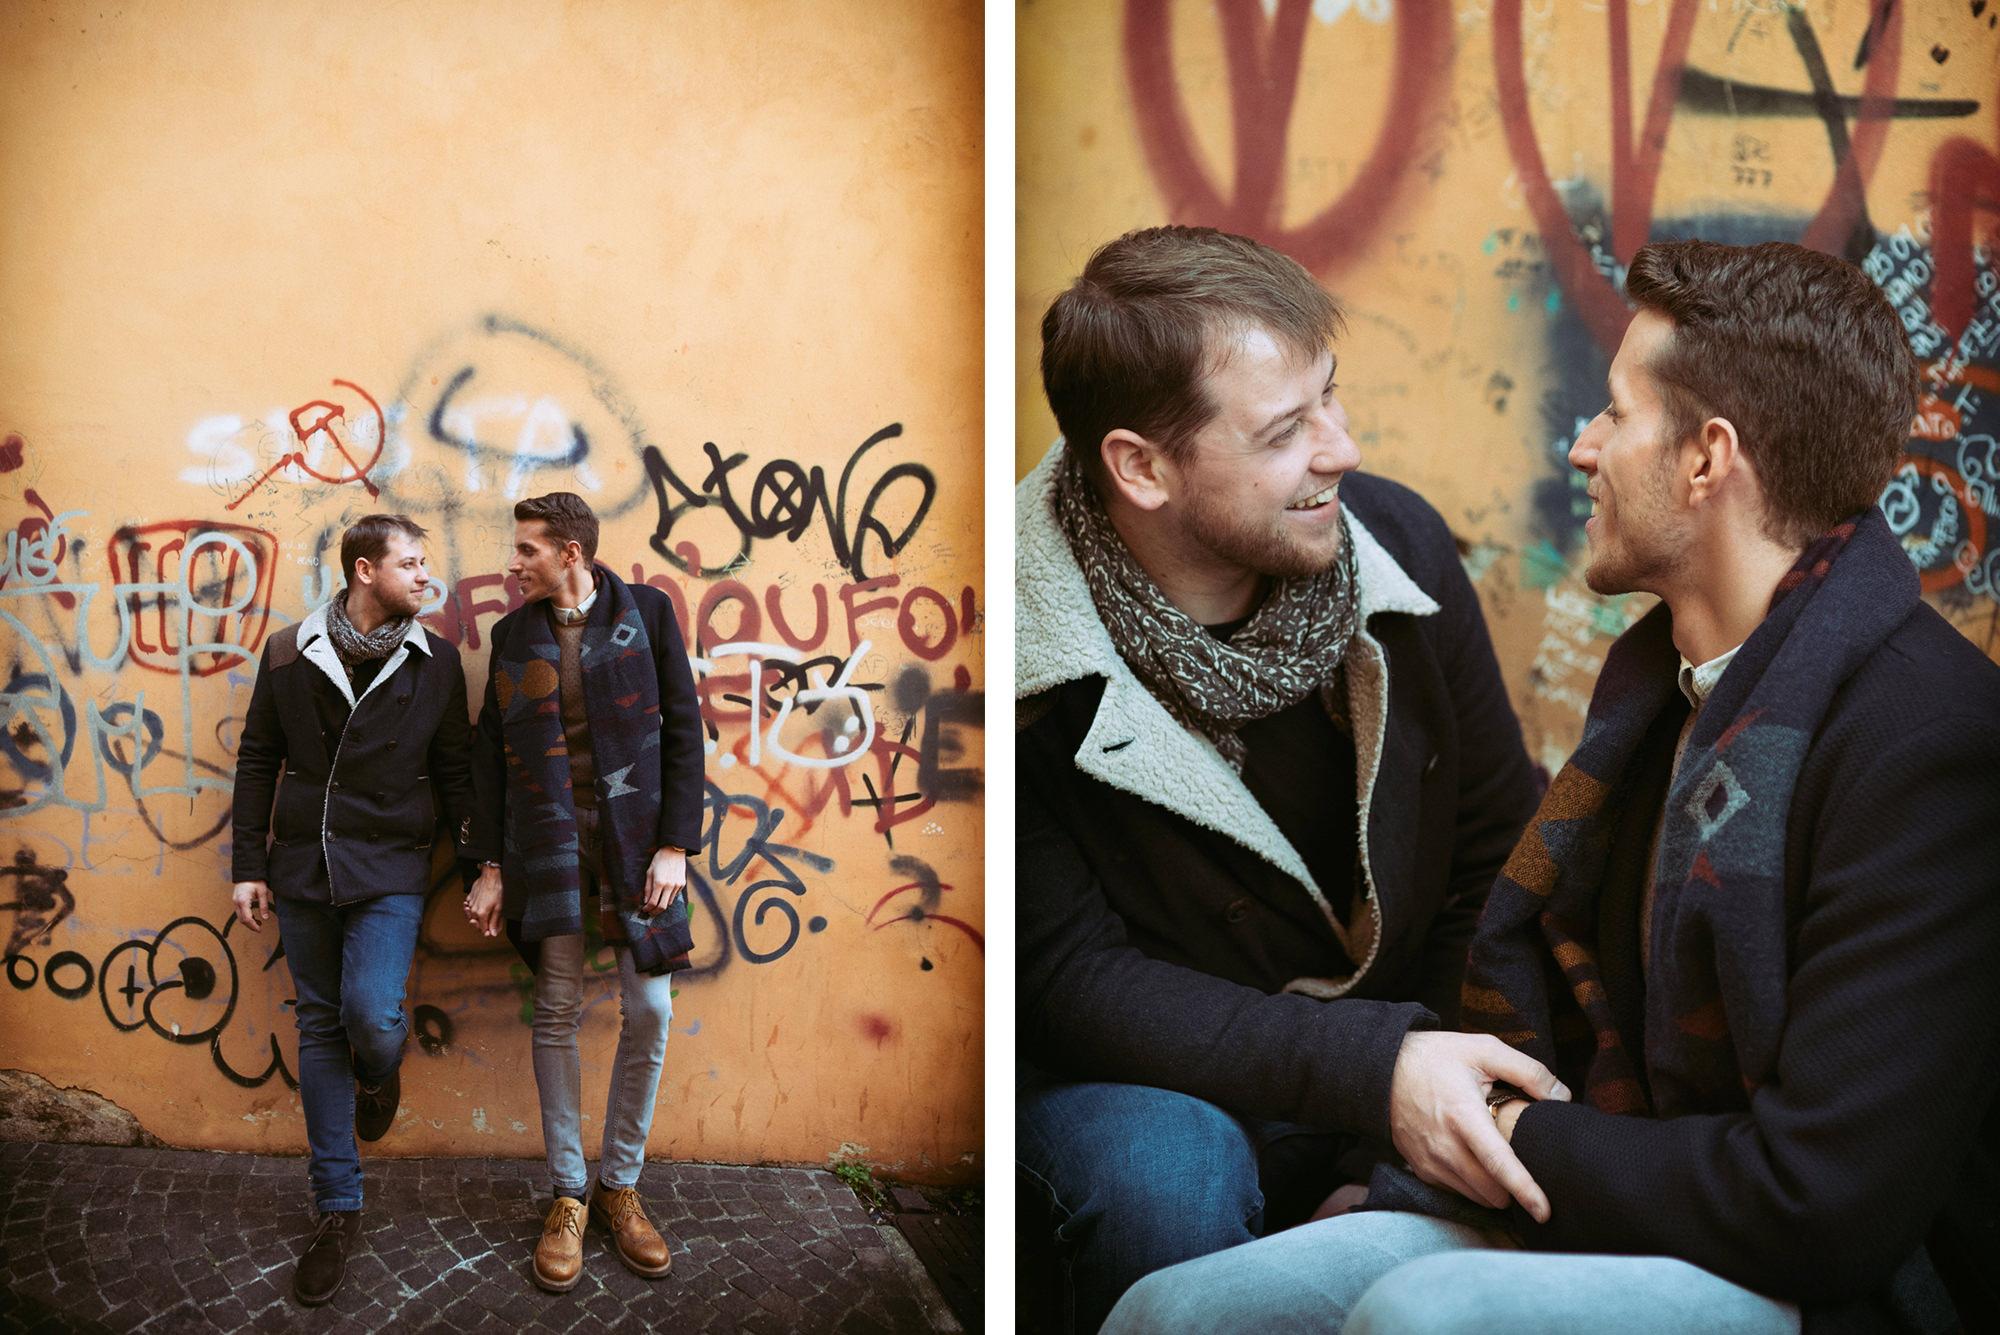 samesex couple photos italy 003 - Same-Sex Couple Photos Italy - Luca & Filippo